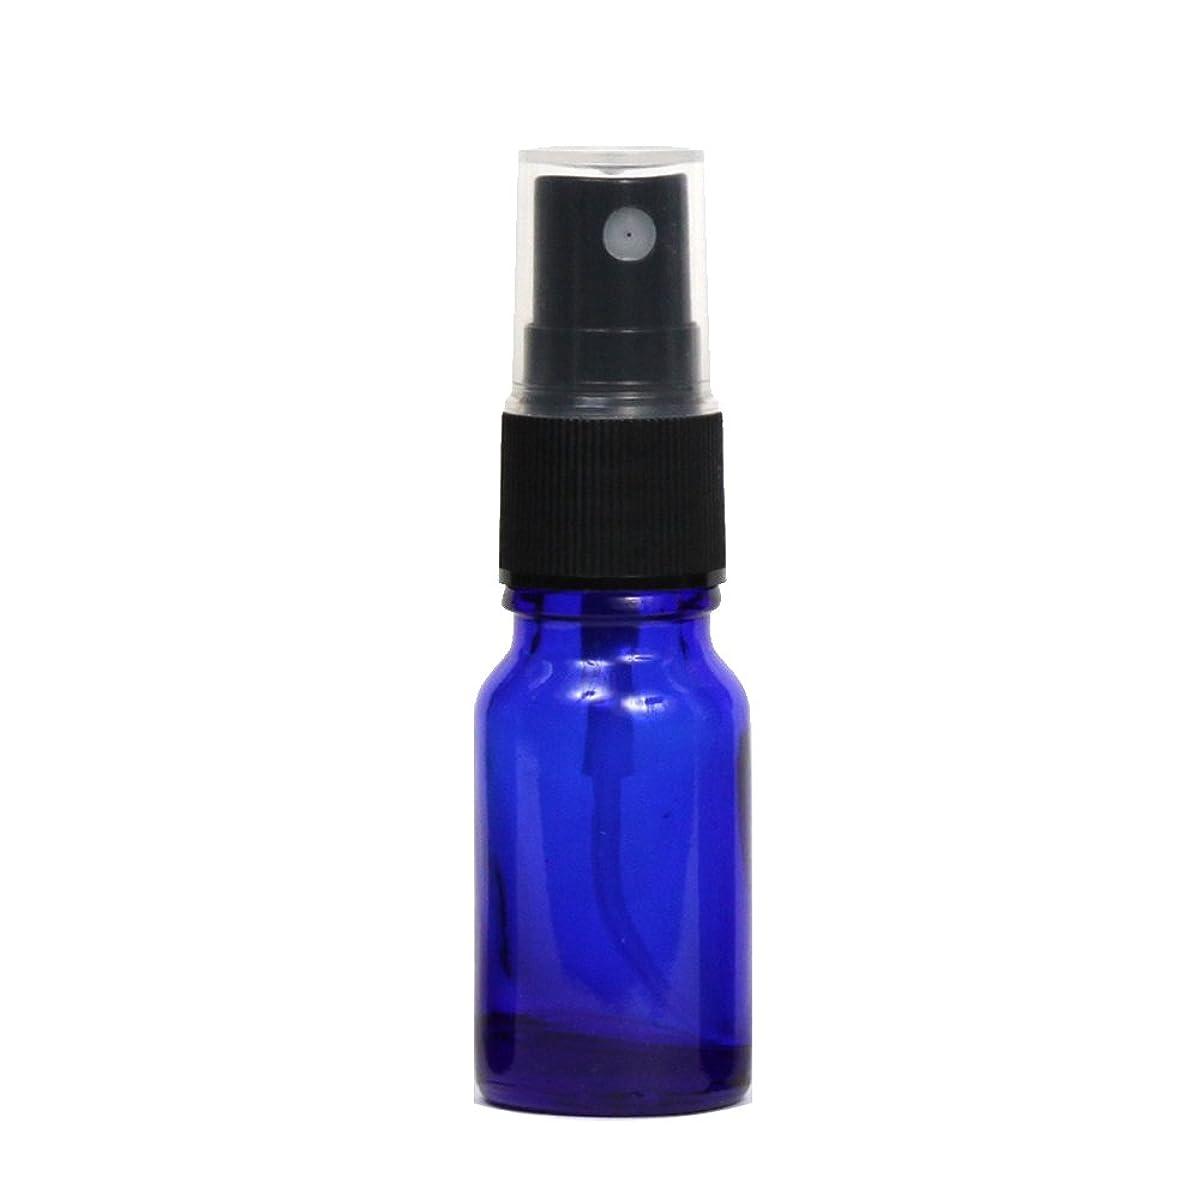 政府誘惑賢明なスプレーボトル ガラス瓶 10mL 遮光性ブルー ガラスアトマイザー 空容器